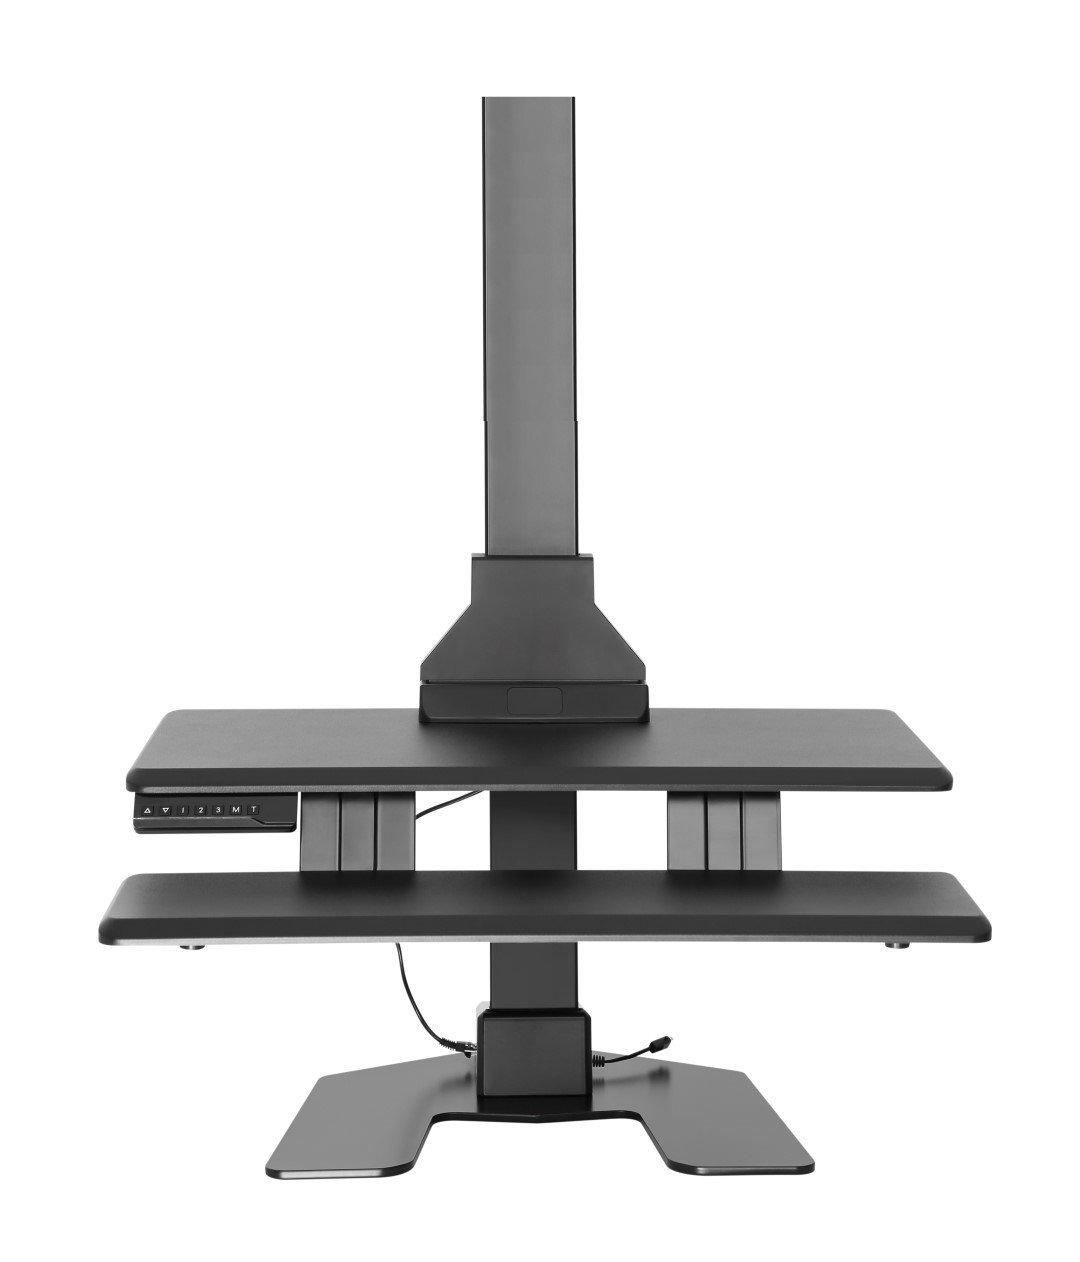 E-Lift front view